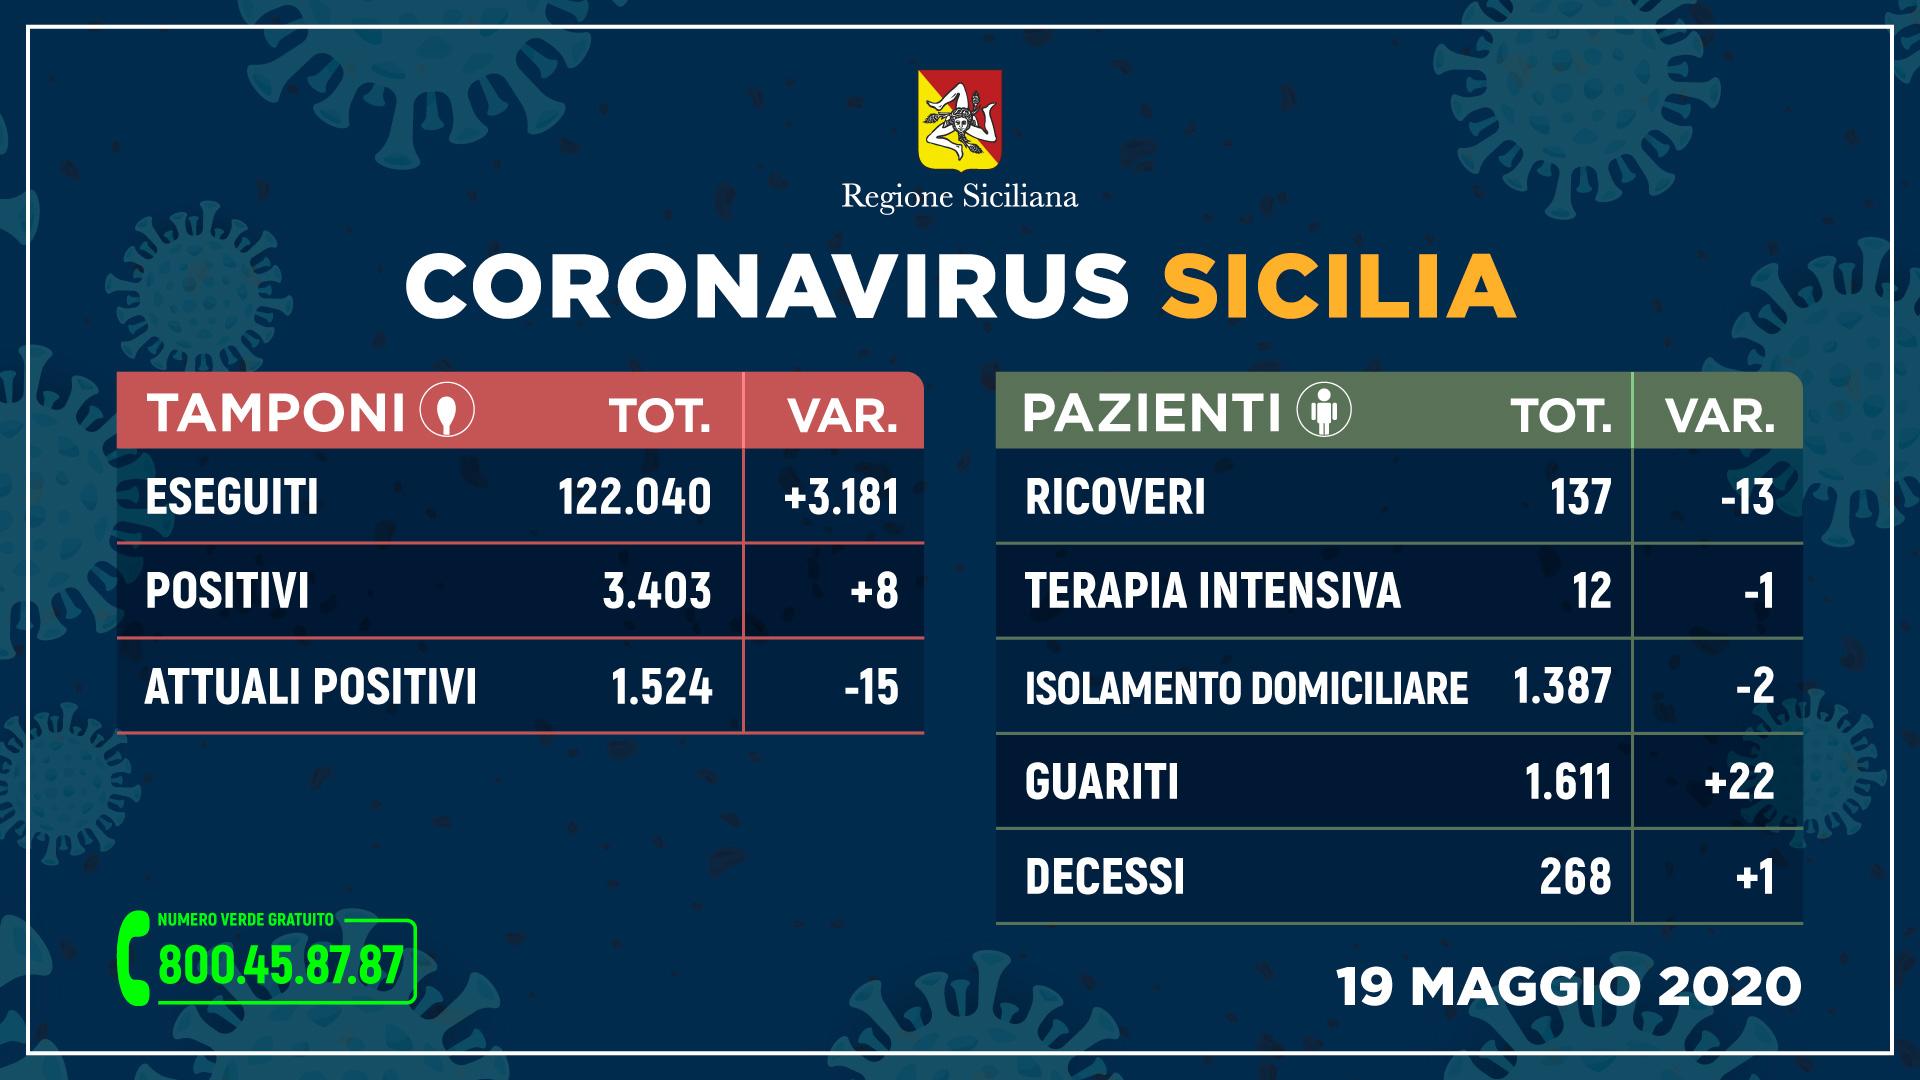 19.05.20 - sicilia_tamponi_19-maggio_stampa